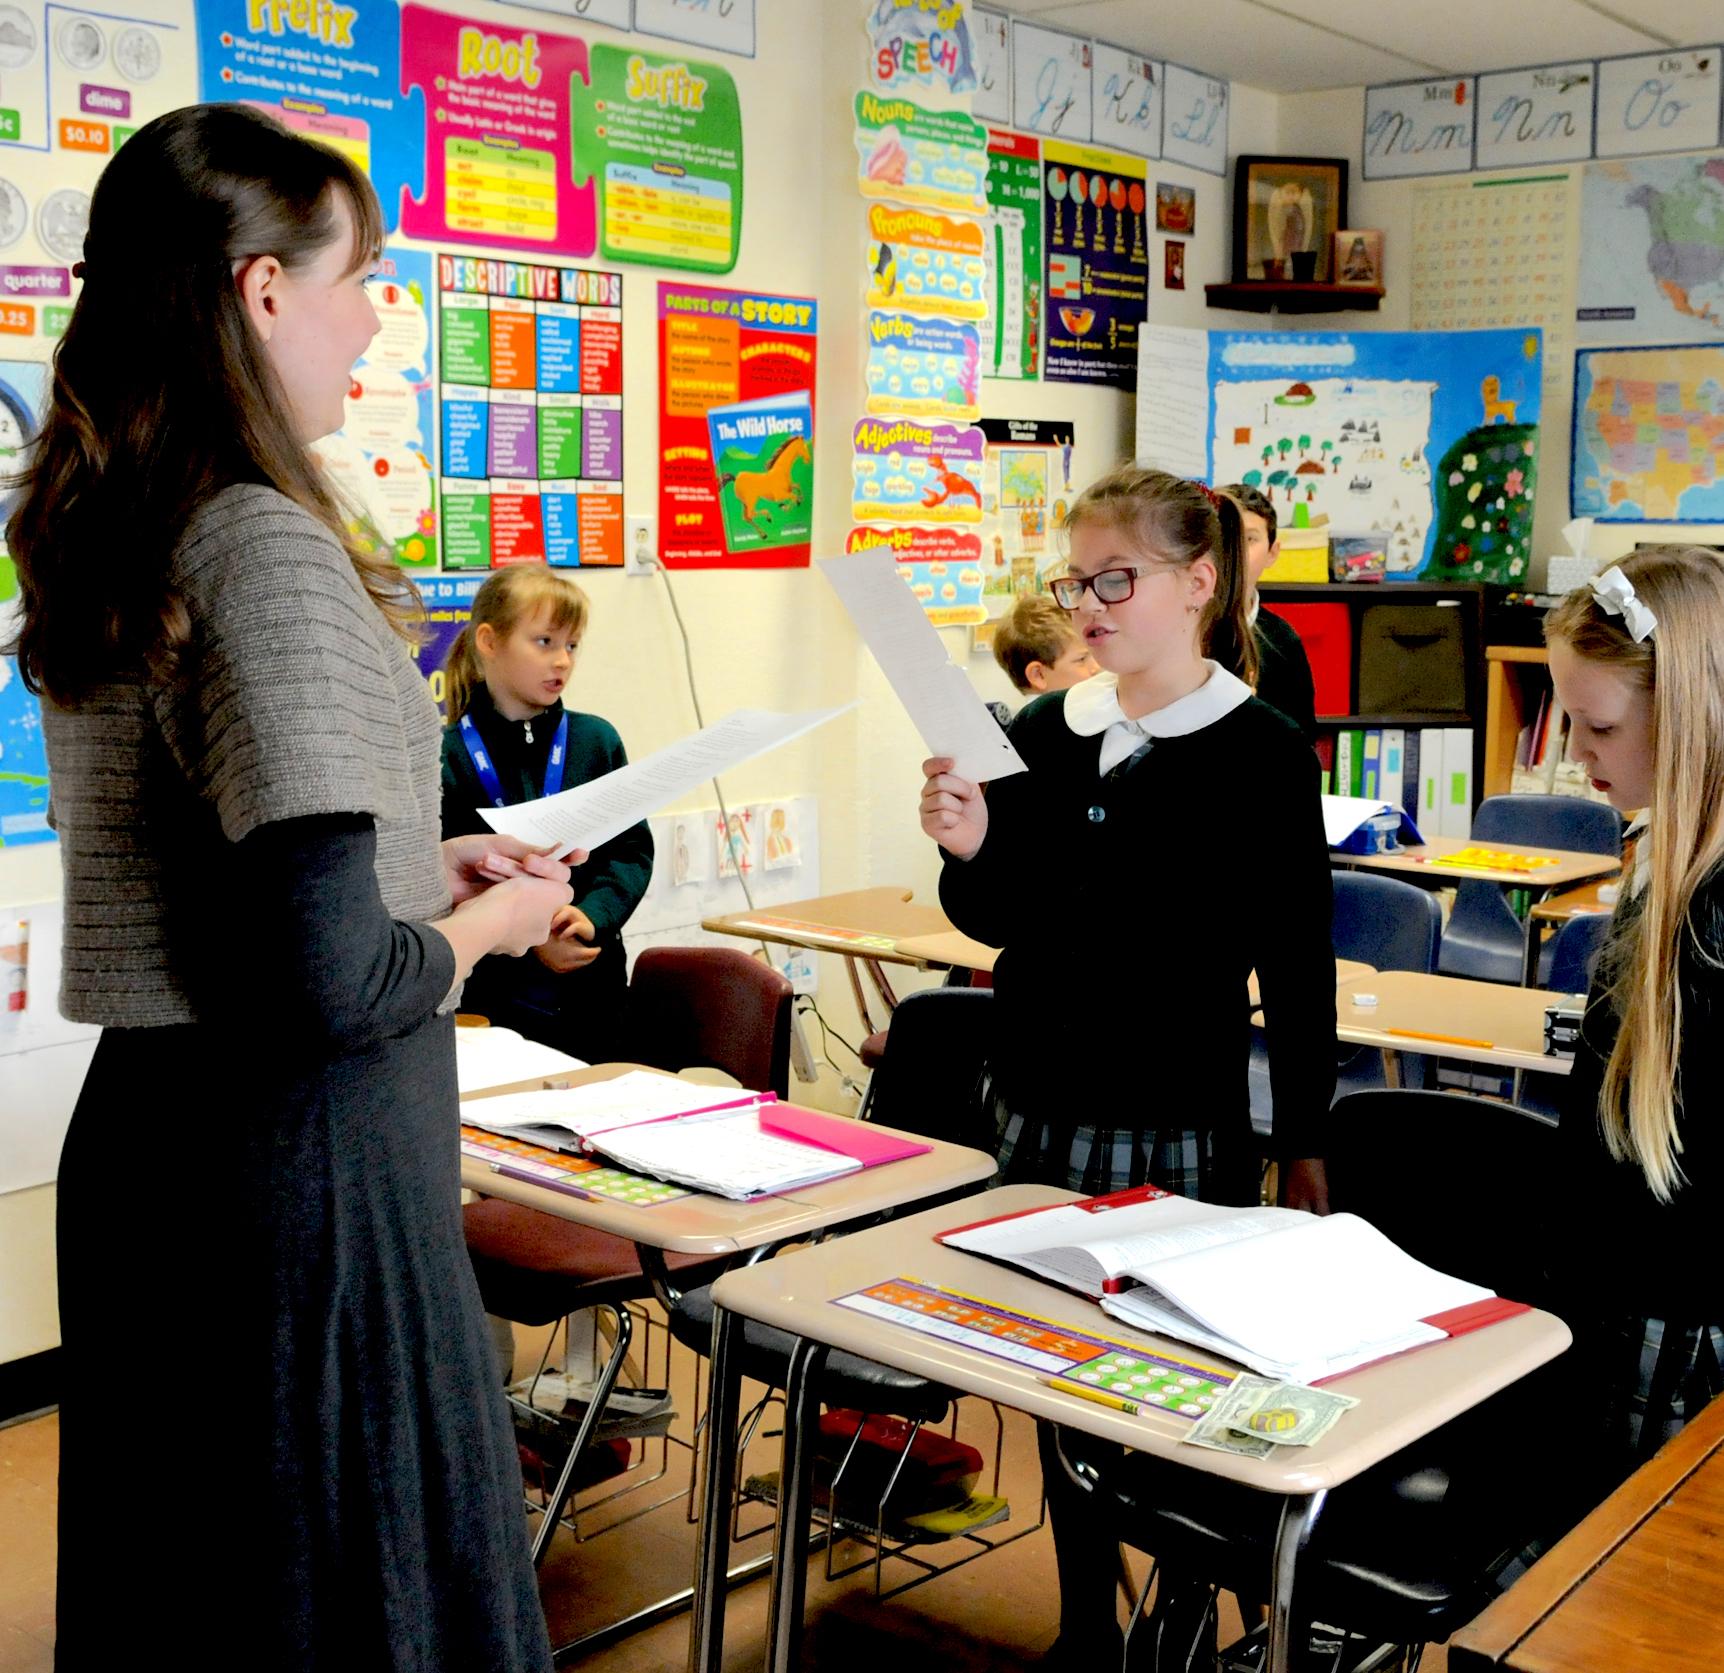 Mikaela_classroom.jpg